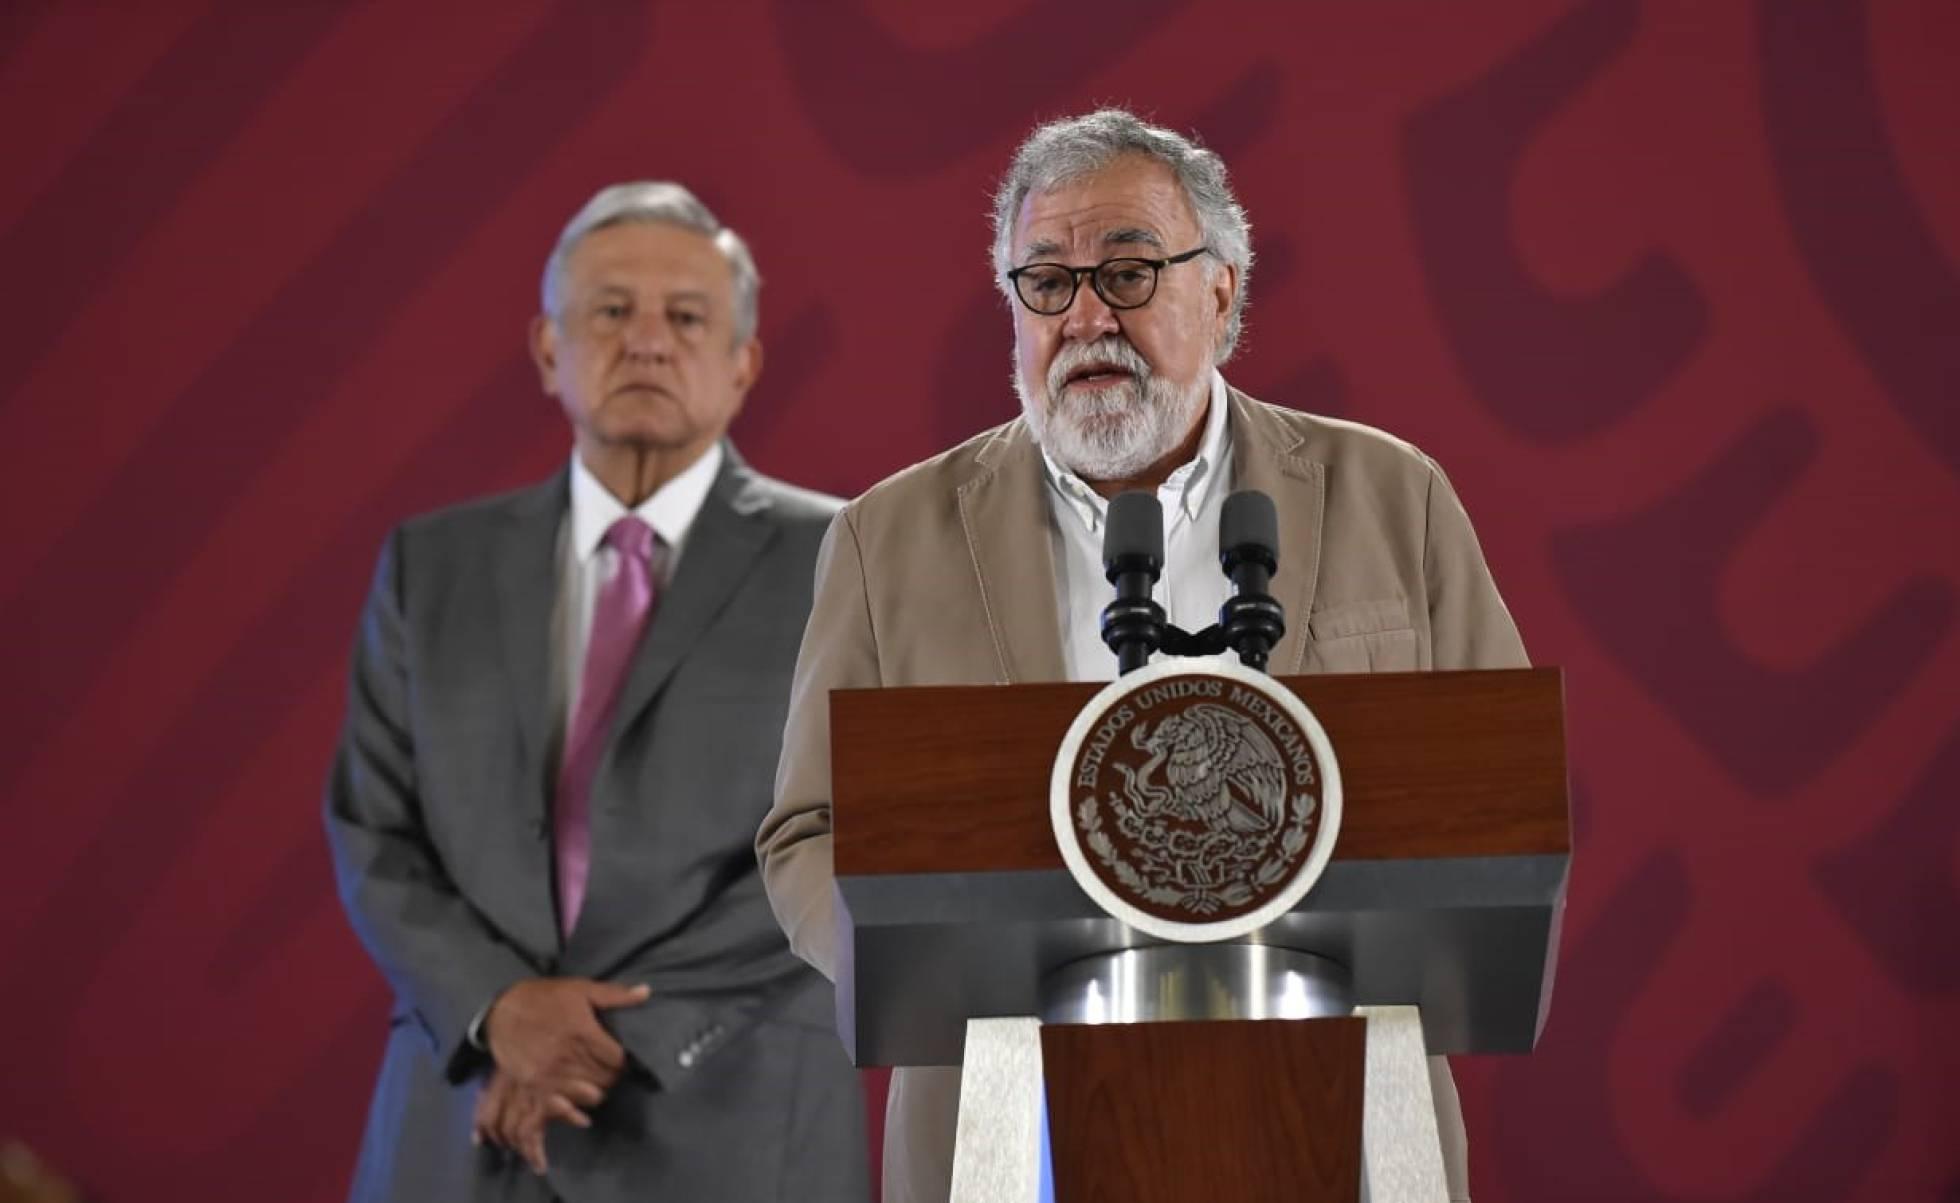 Encinas y Lopez Obrador